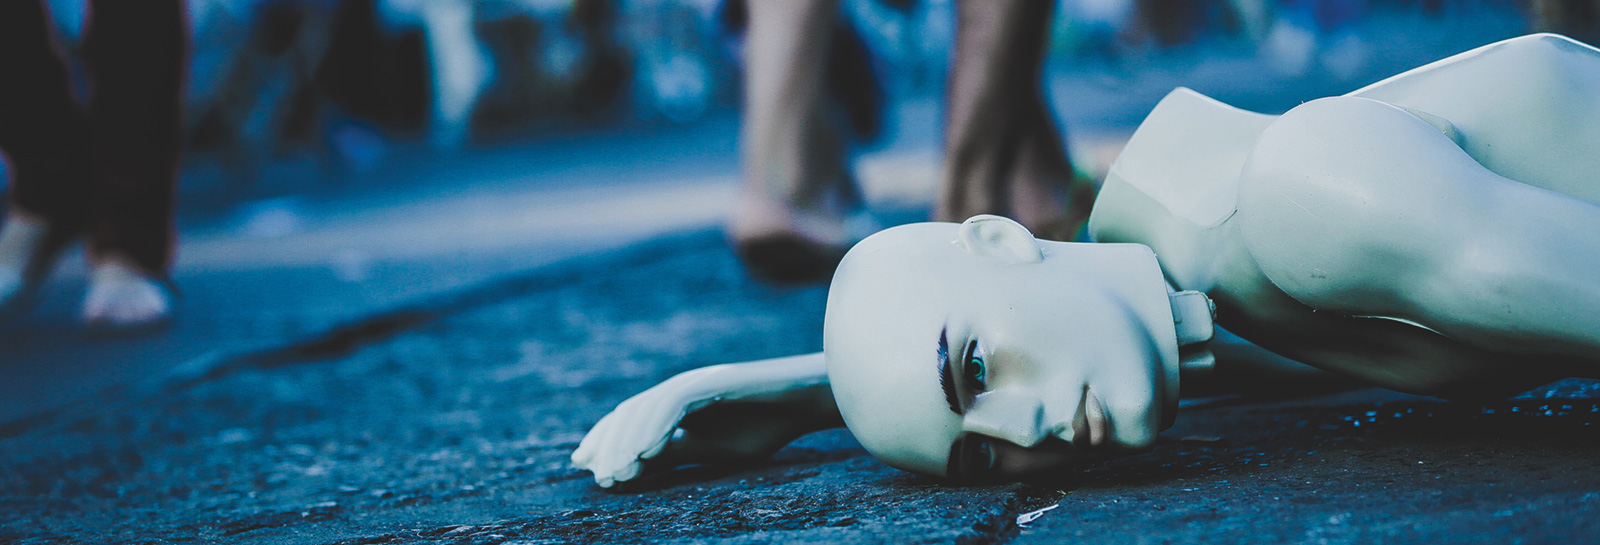 manakin on the ground broken